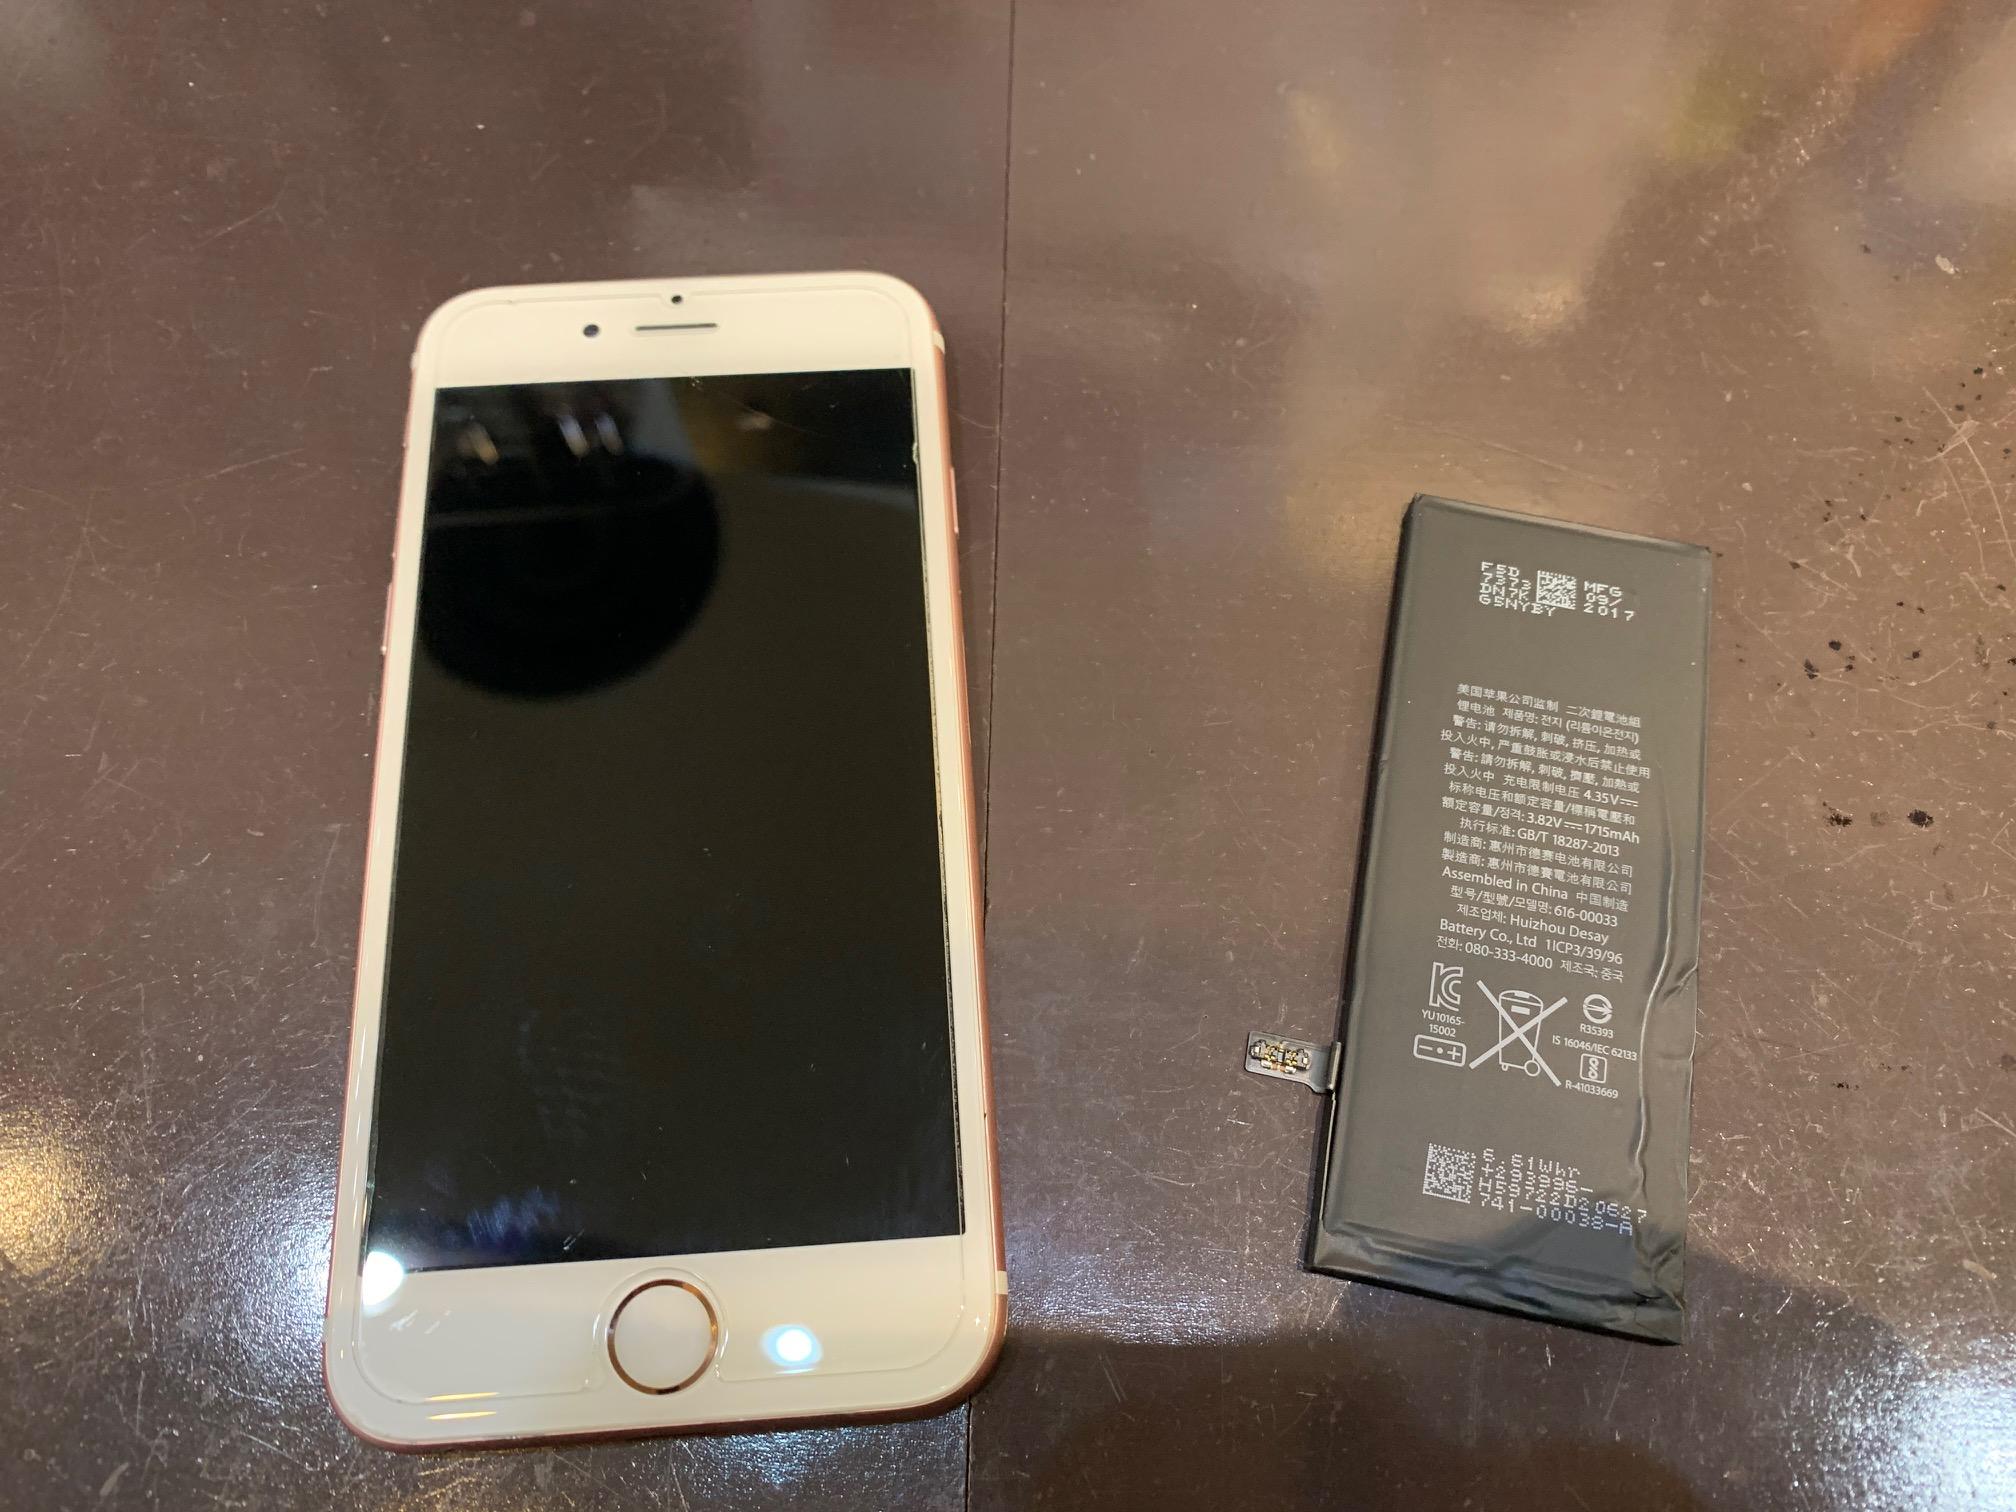 iPhone6S バッテリー交換 データそのまま即日最短20分修理 <伊丹市からお越しのお客様>ク